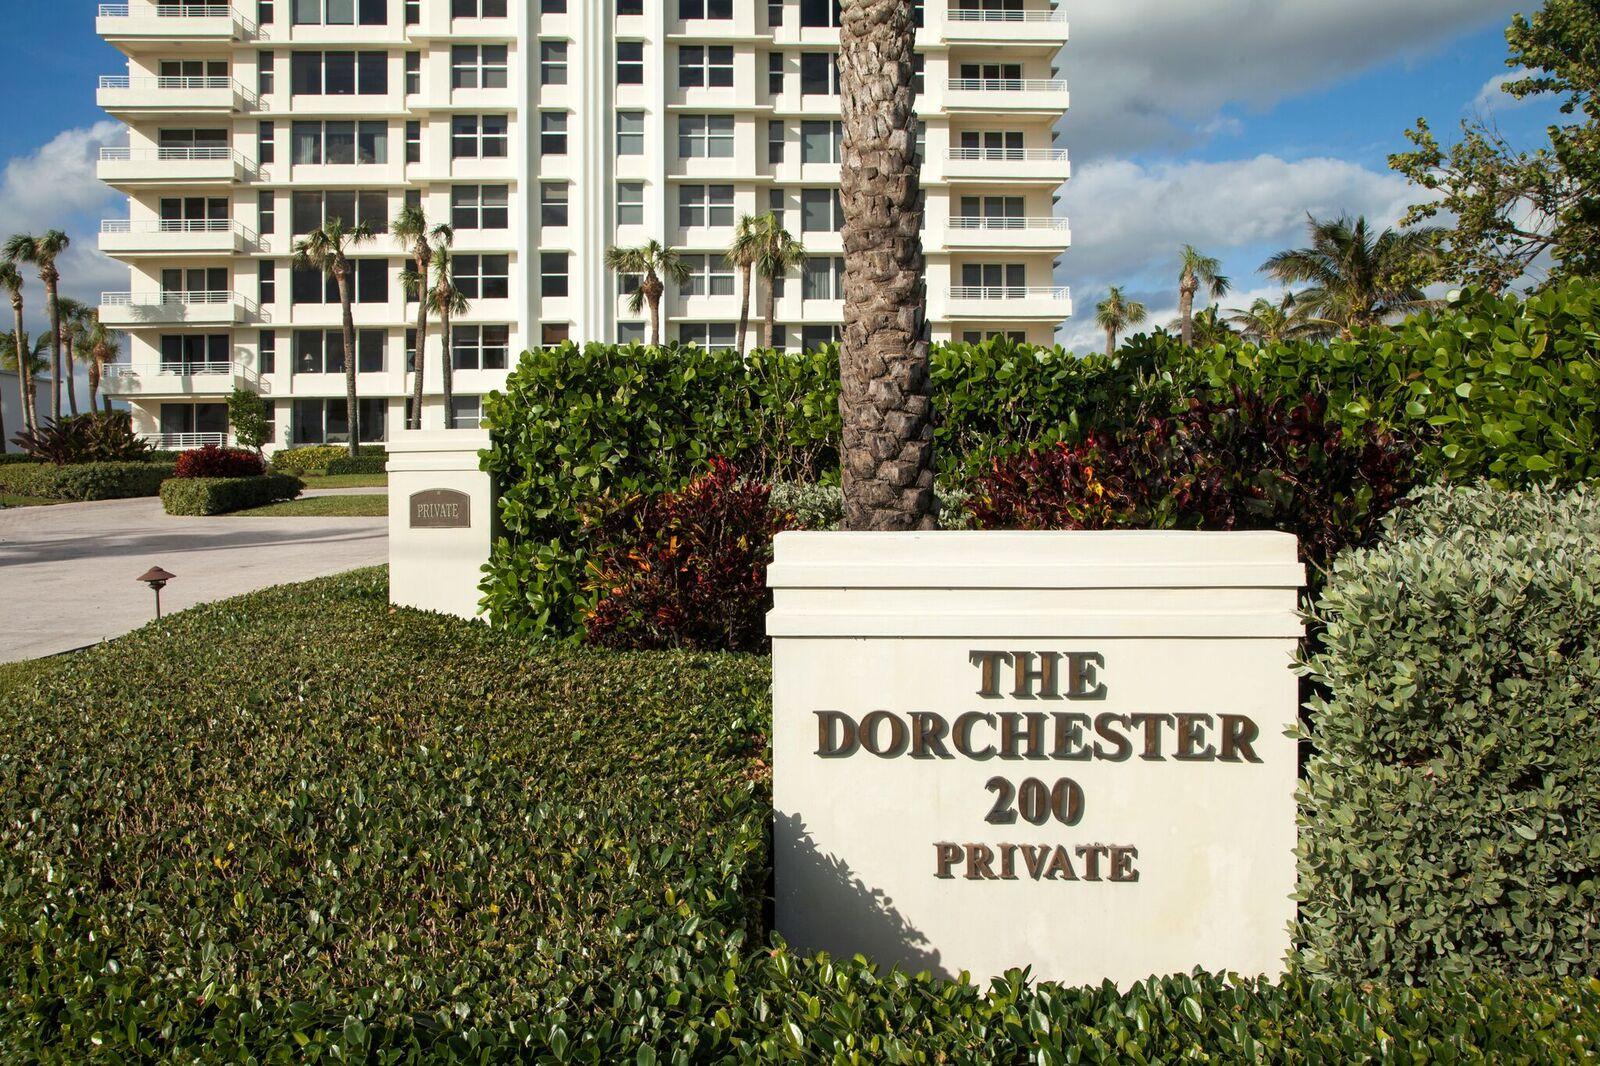 200 Ocean Boulevard, Delray Beach, Florida 33483, 3 Bedrooms Bedrooms, ,3.1 BathroomsBathrooms,Condo/Coop,For Sale,Dorchester,Ocean,8,RX-10395133